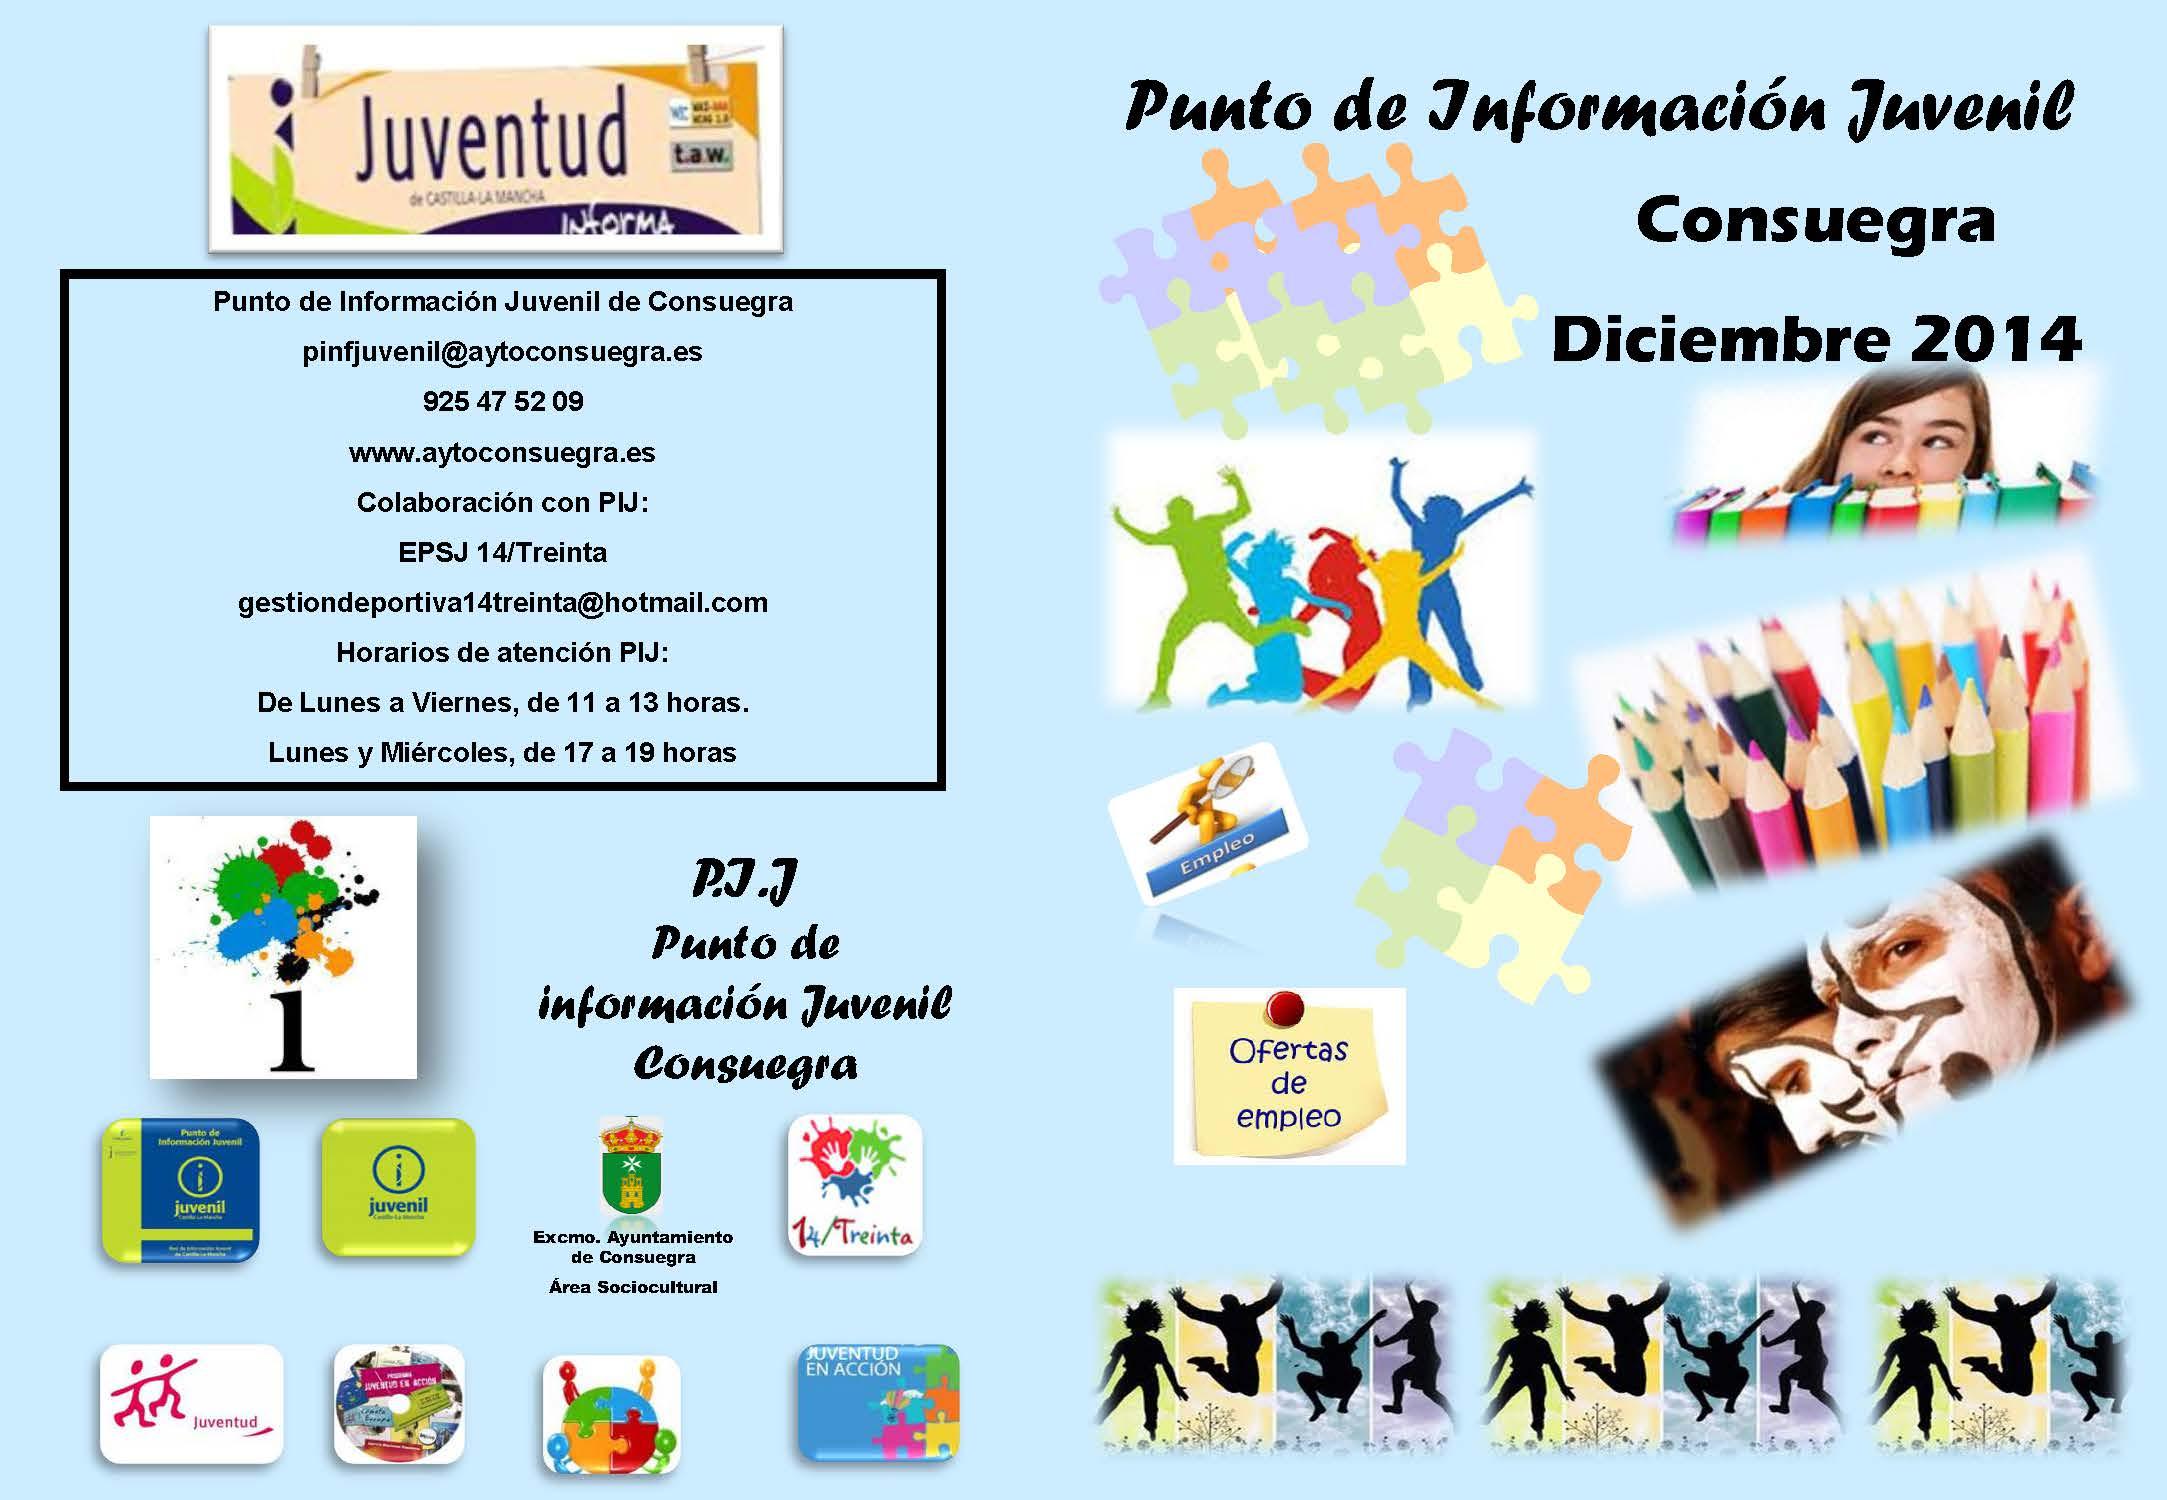 boletin-juvenil-diciembre2014-pag1.jpg - 234.10 KB